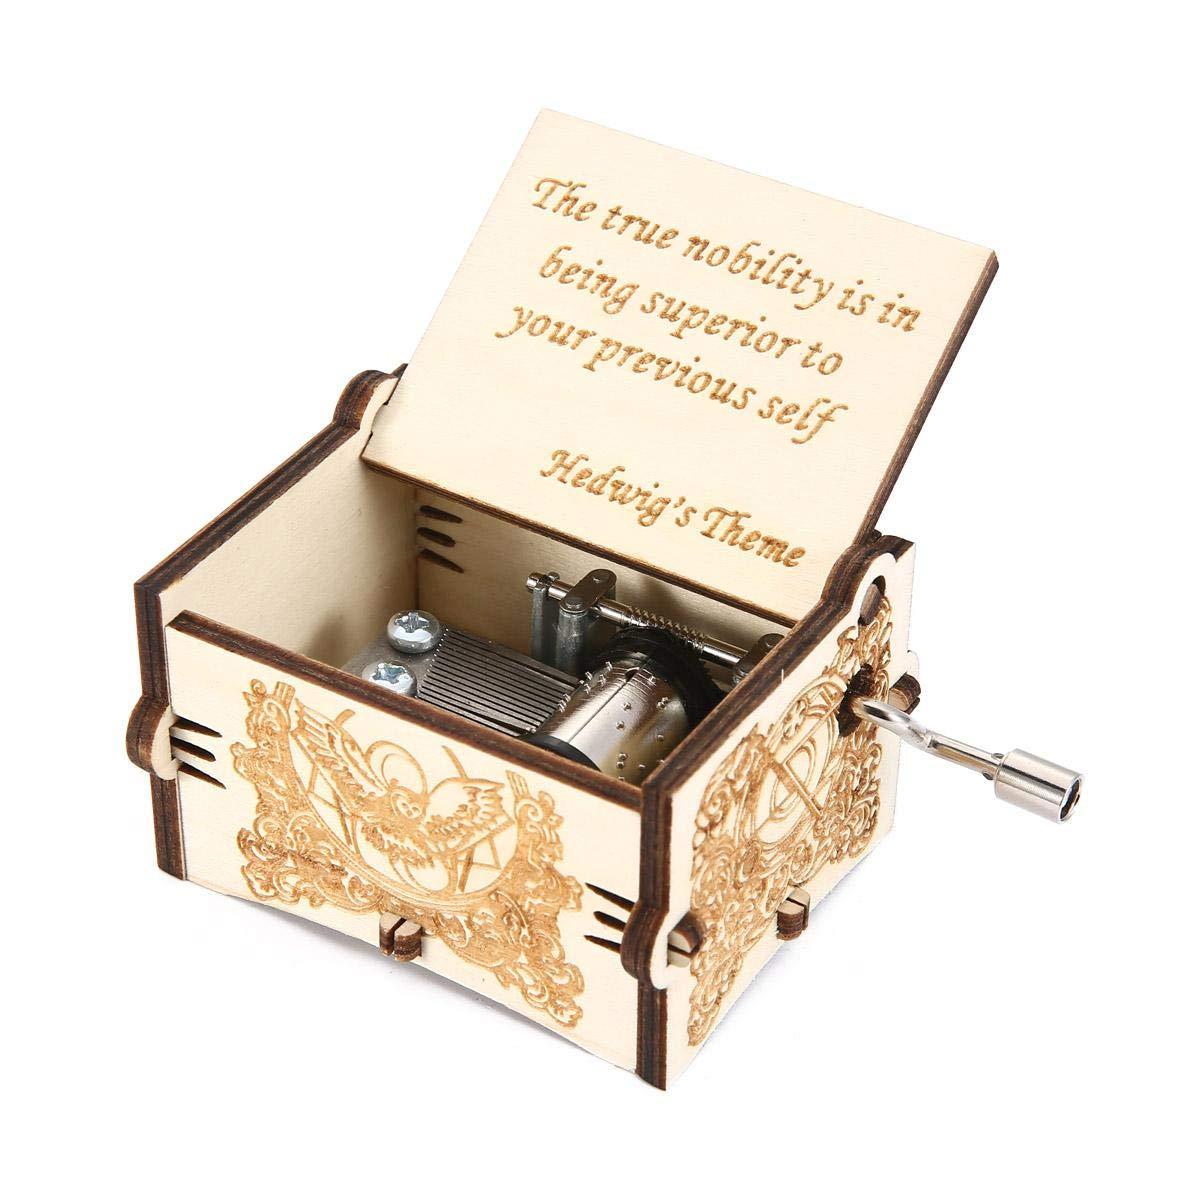 Yeldou Caja de música de Harry Potter, de Madera, Tallada a Mano, clásica, para decoración del hogar, niños, Madera, marrón, 6.4*5.2*4.2cm: Amazon.es: Hogar